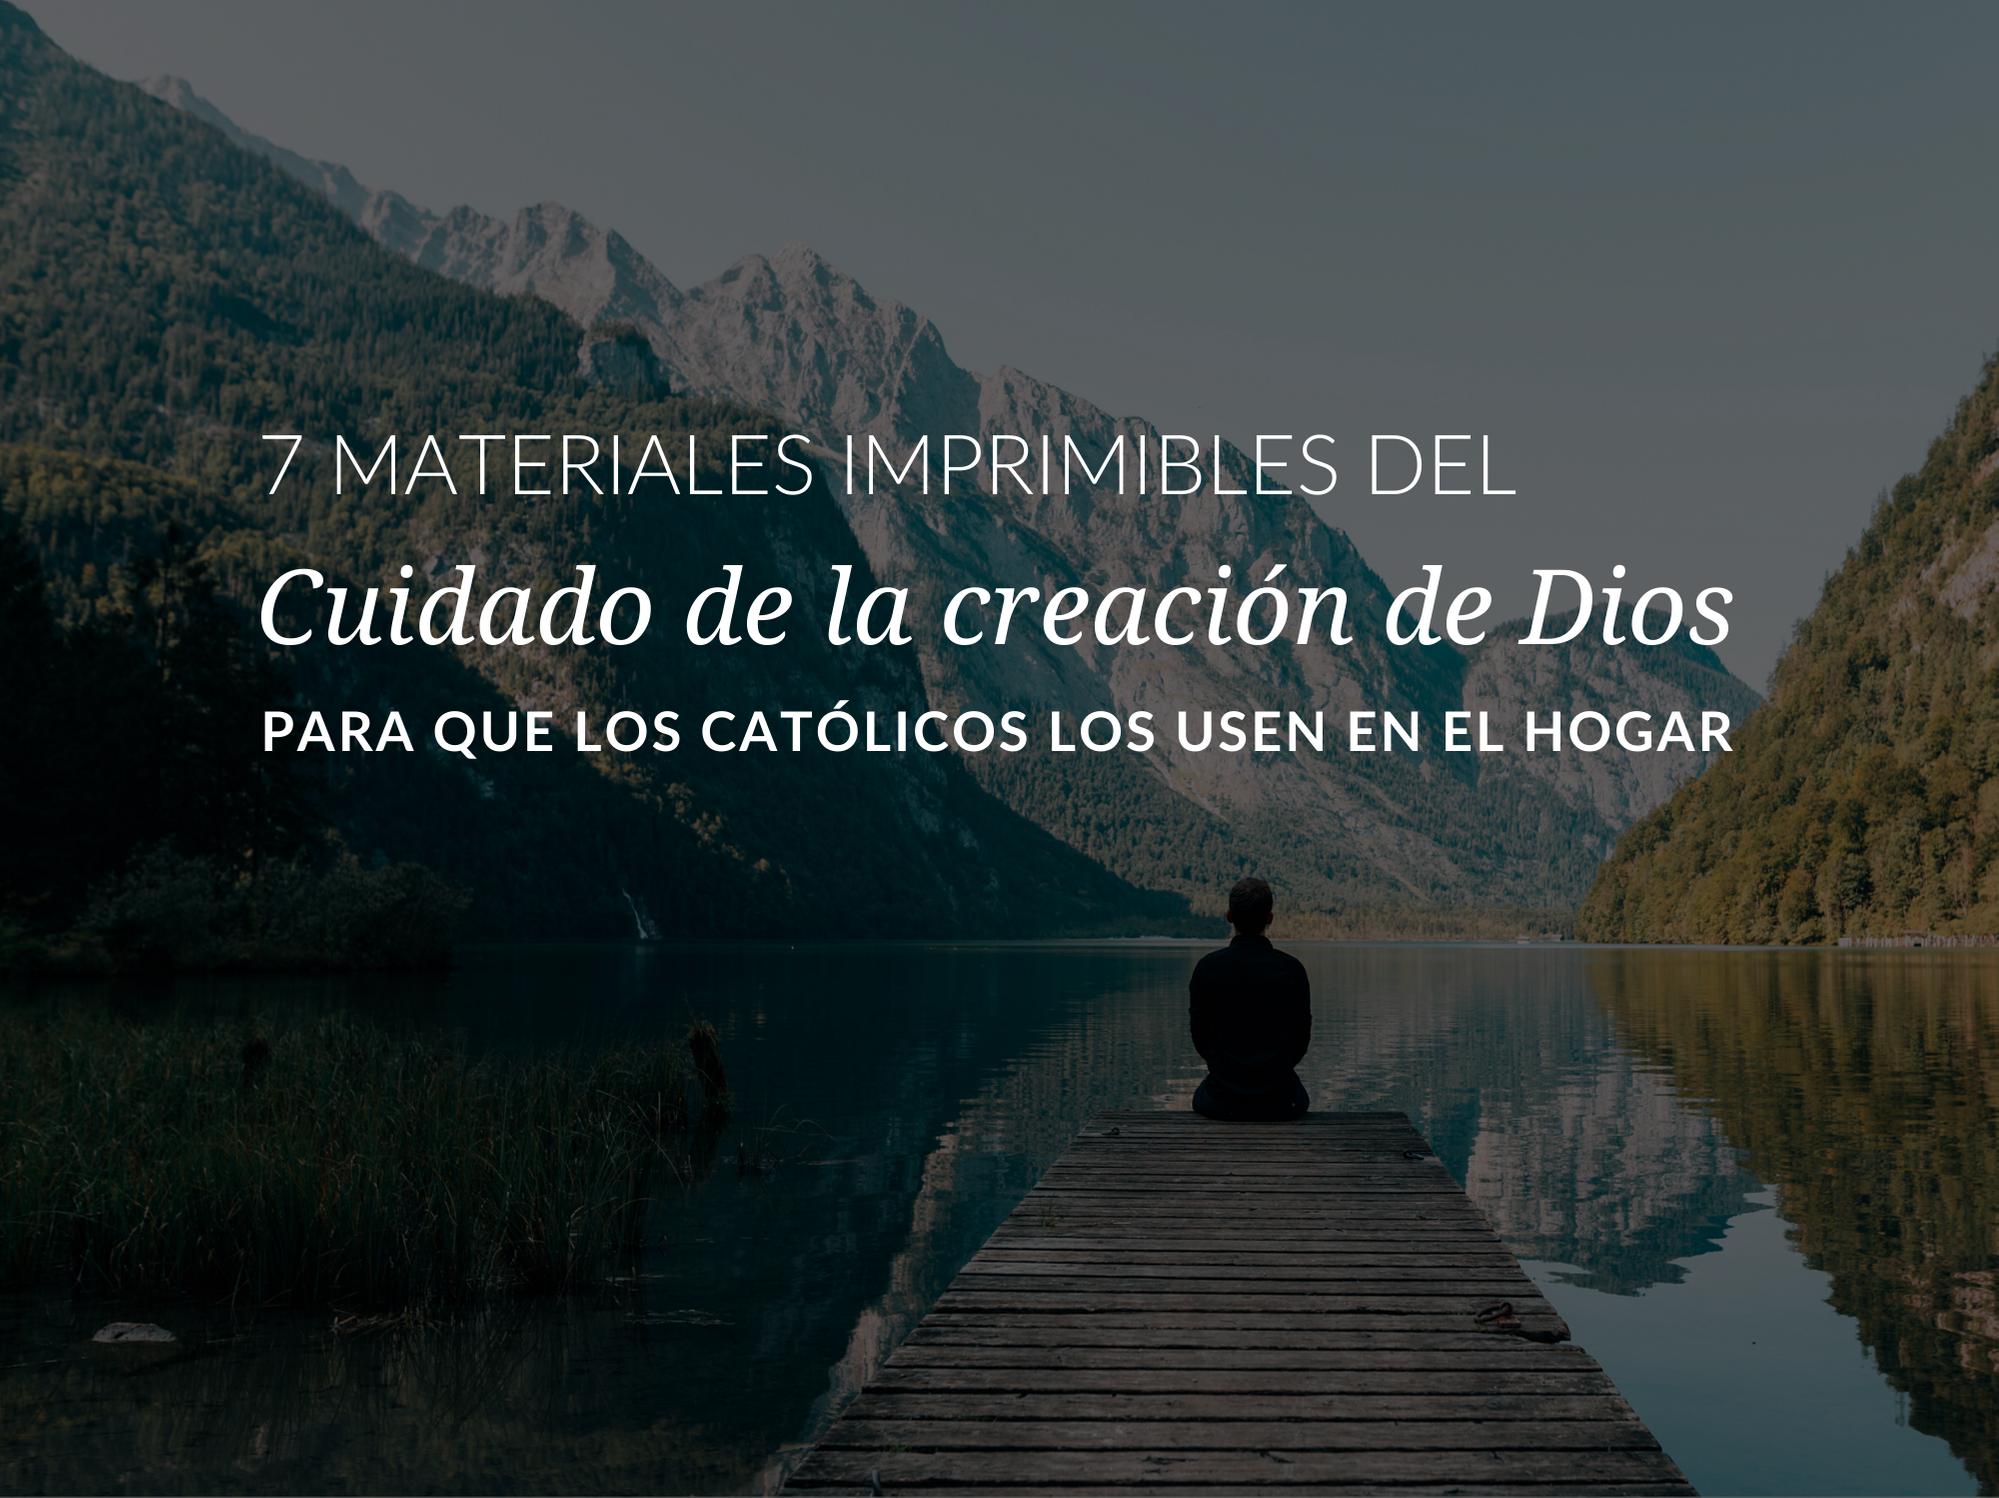 7-materiales-imprimibles-del-cuidado-de-la-creacion-de-dios-para-que-los-catolicos-los-usen-en-el-hogar